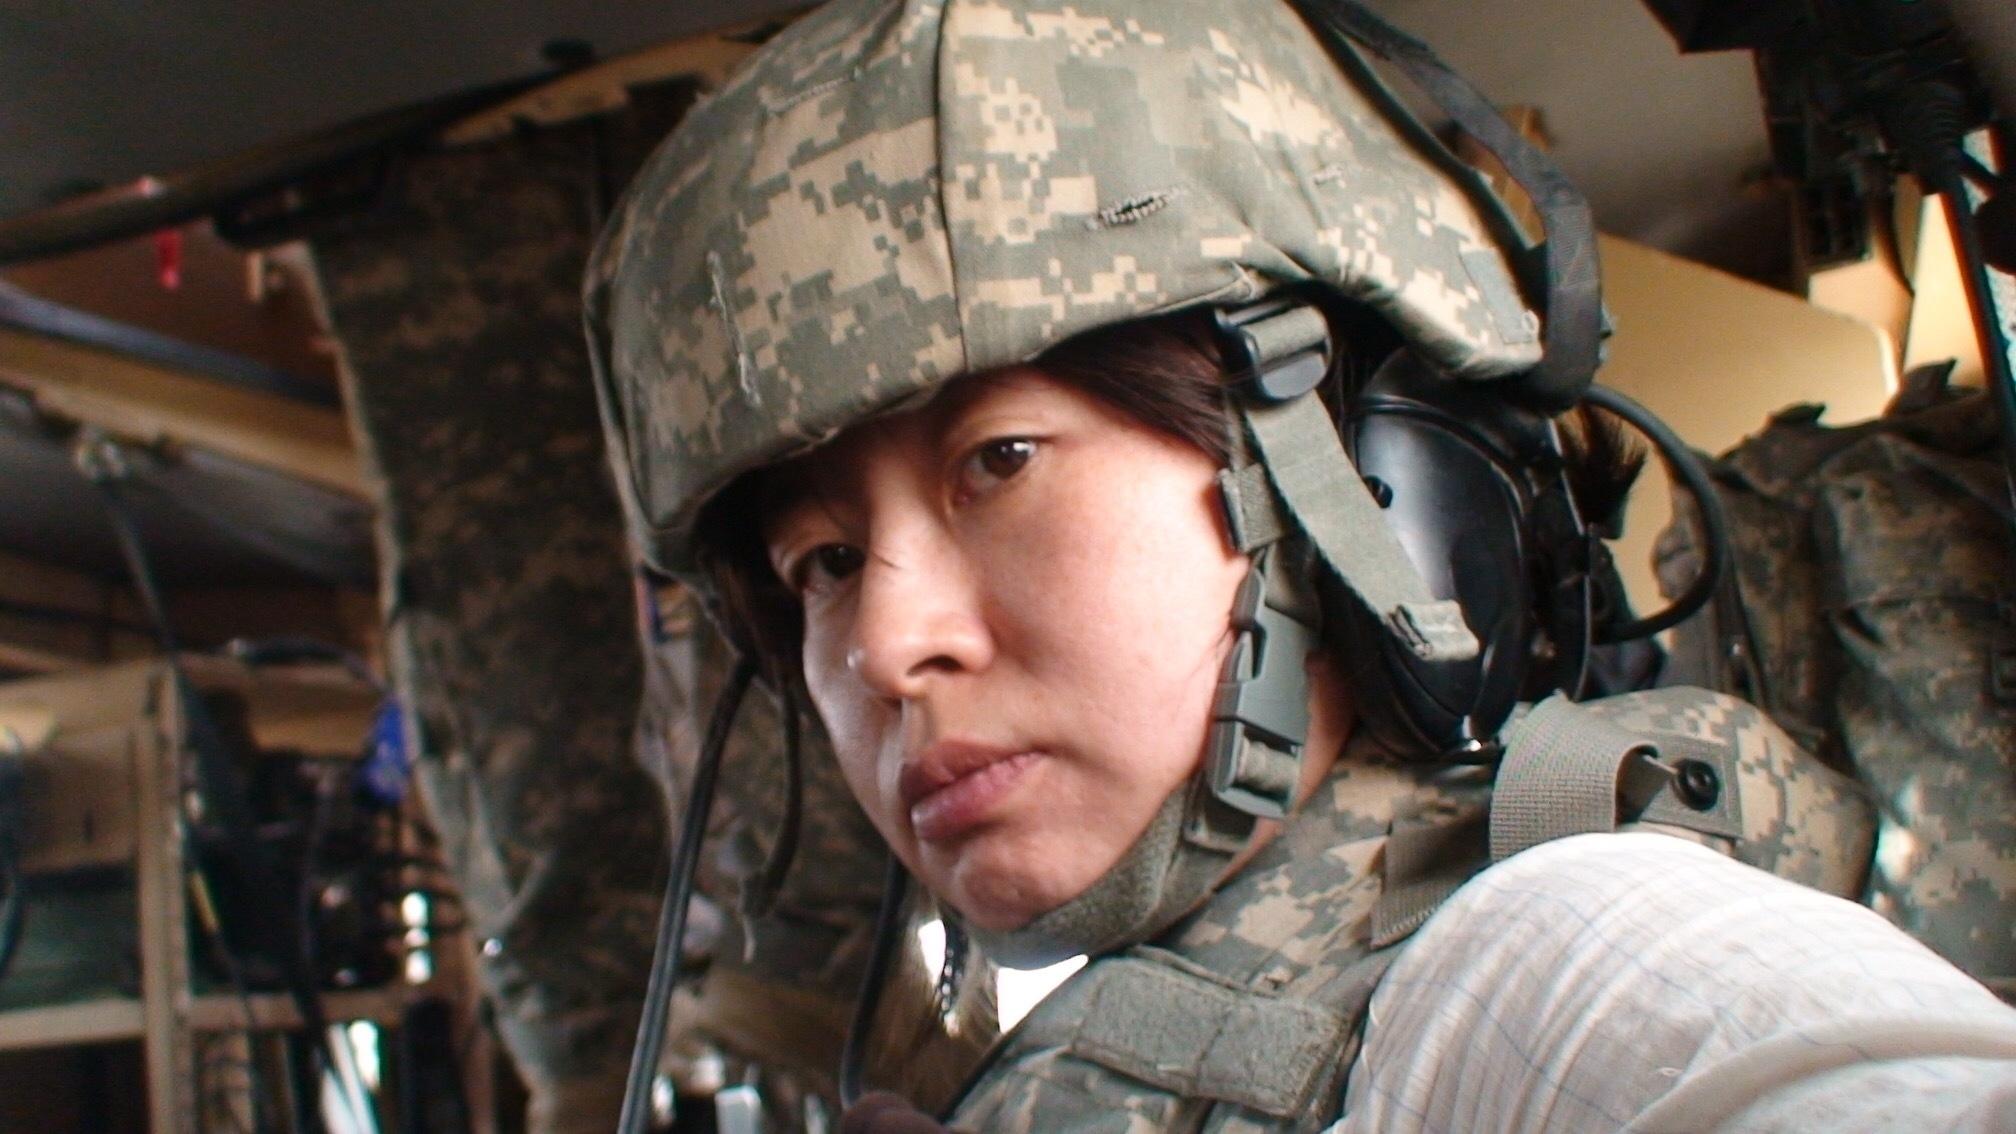 Kim Young-me